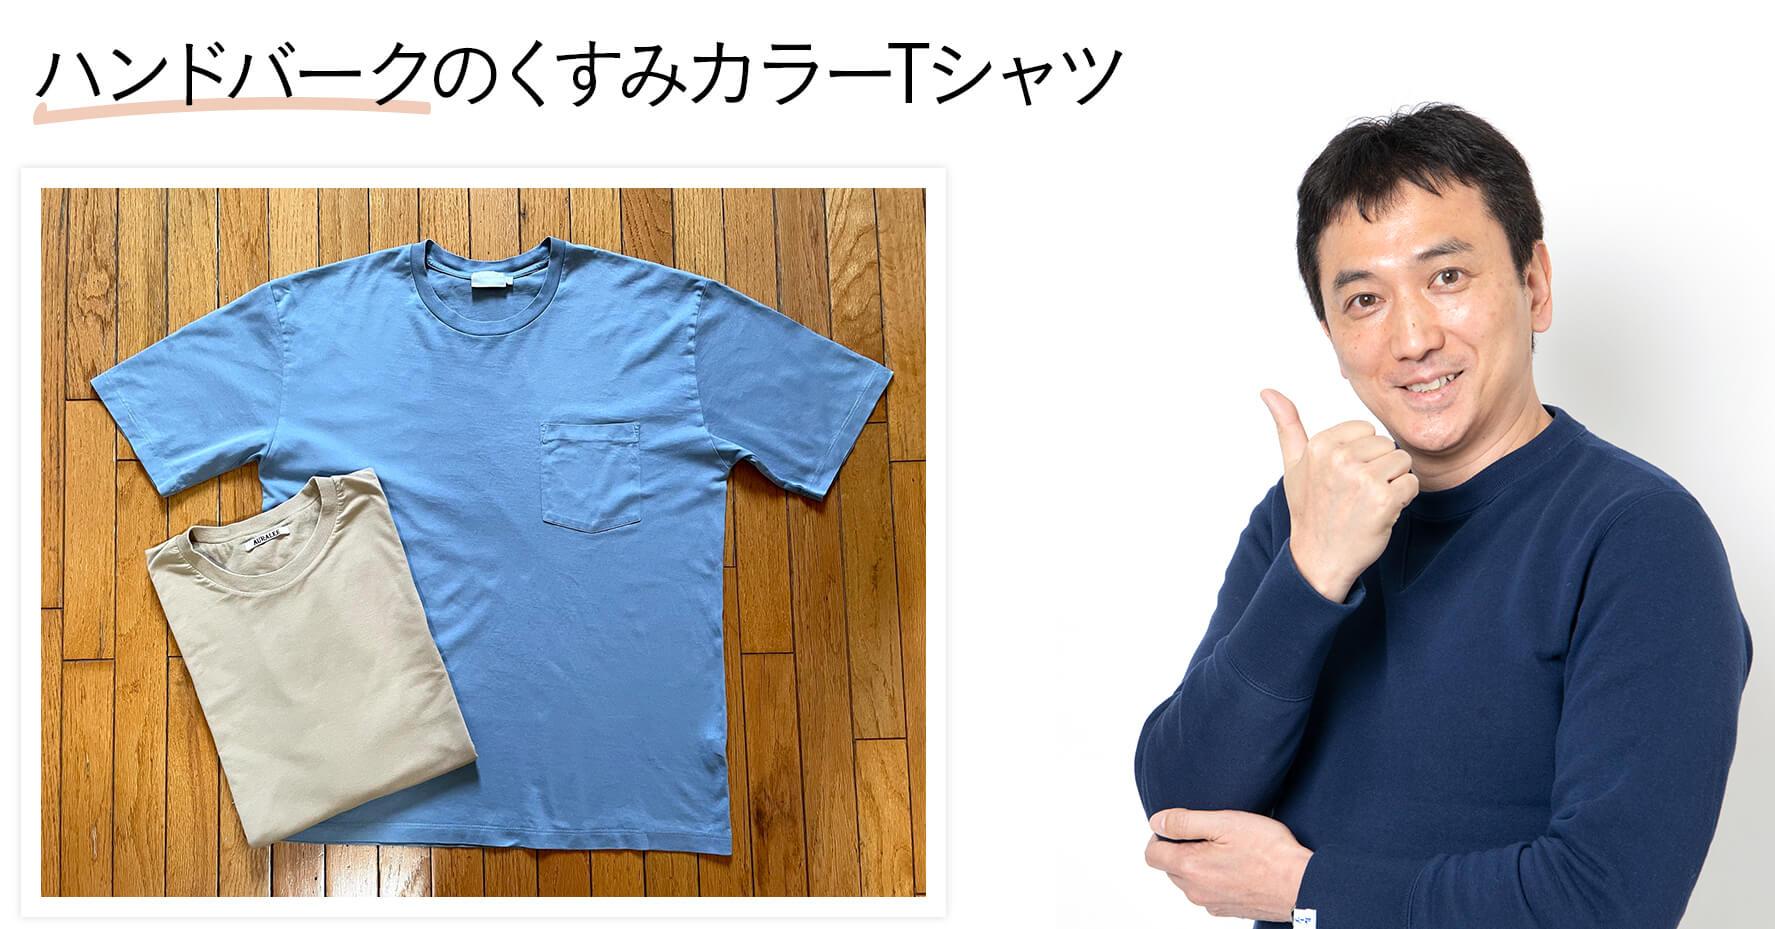 編集長サキヤのハンドバーグのくすみカラーTシャツ